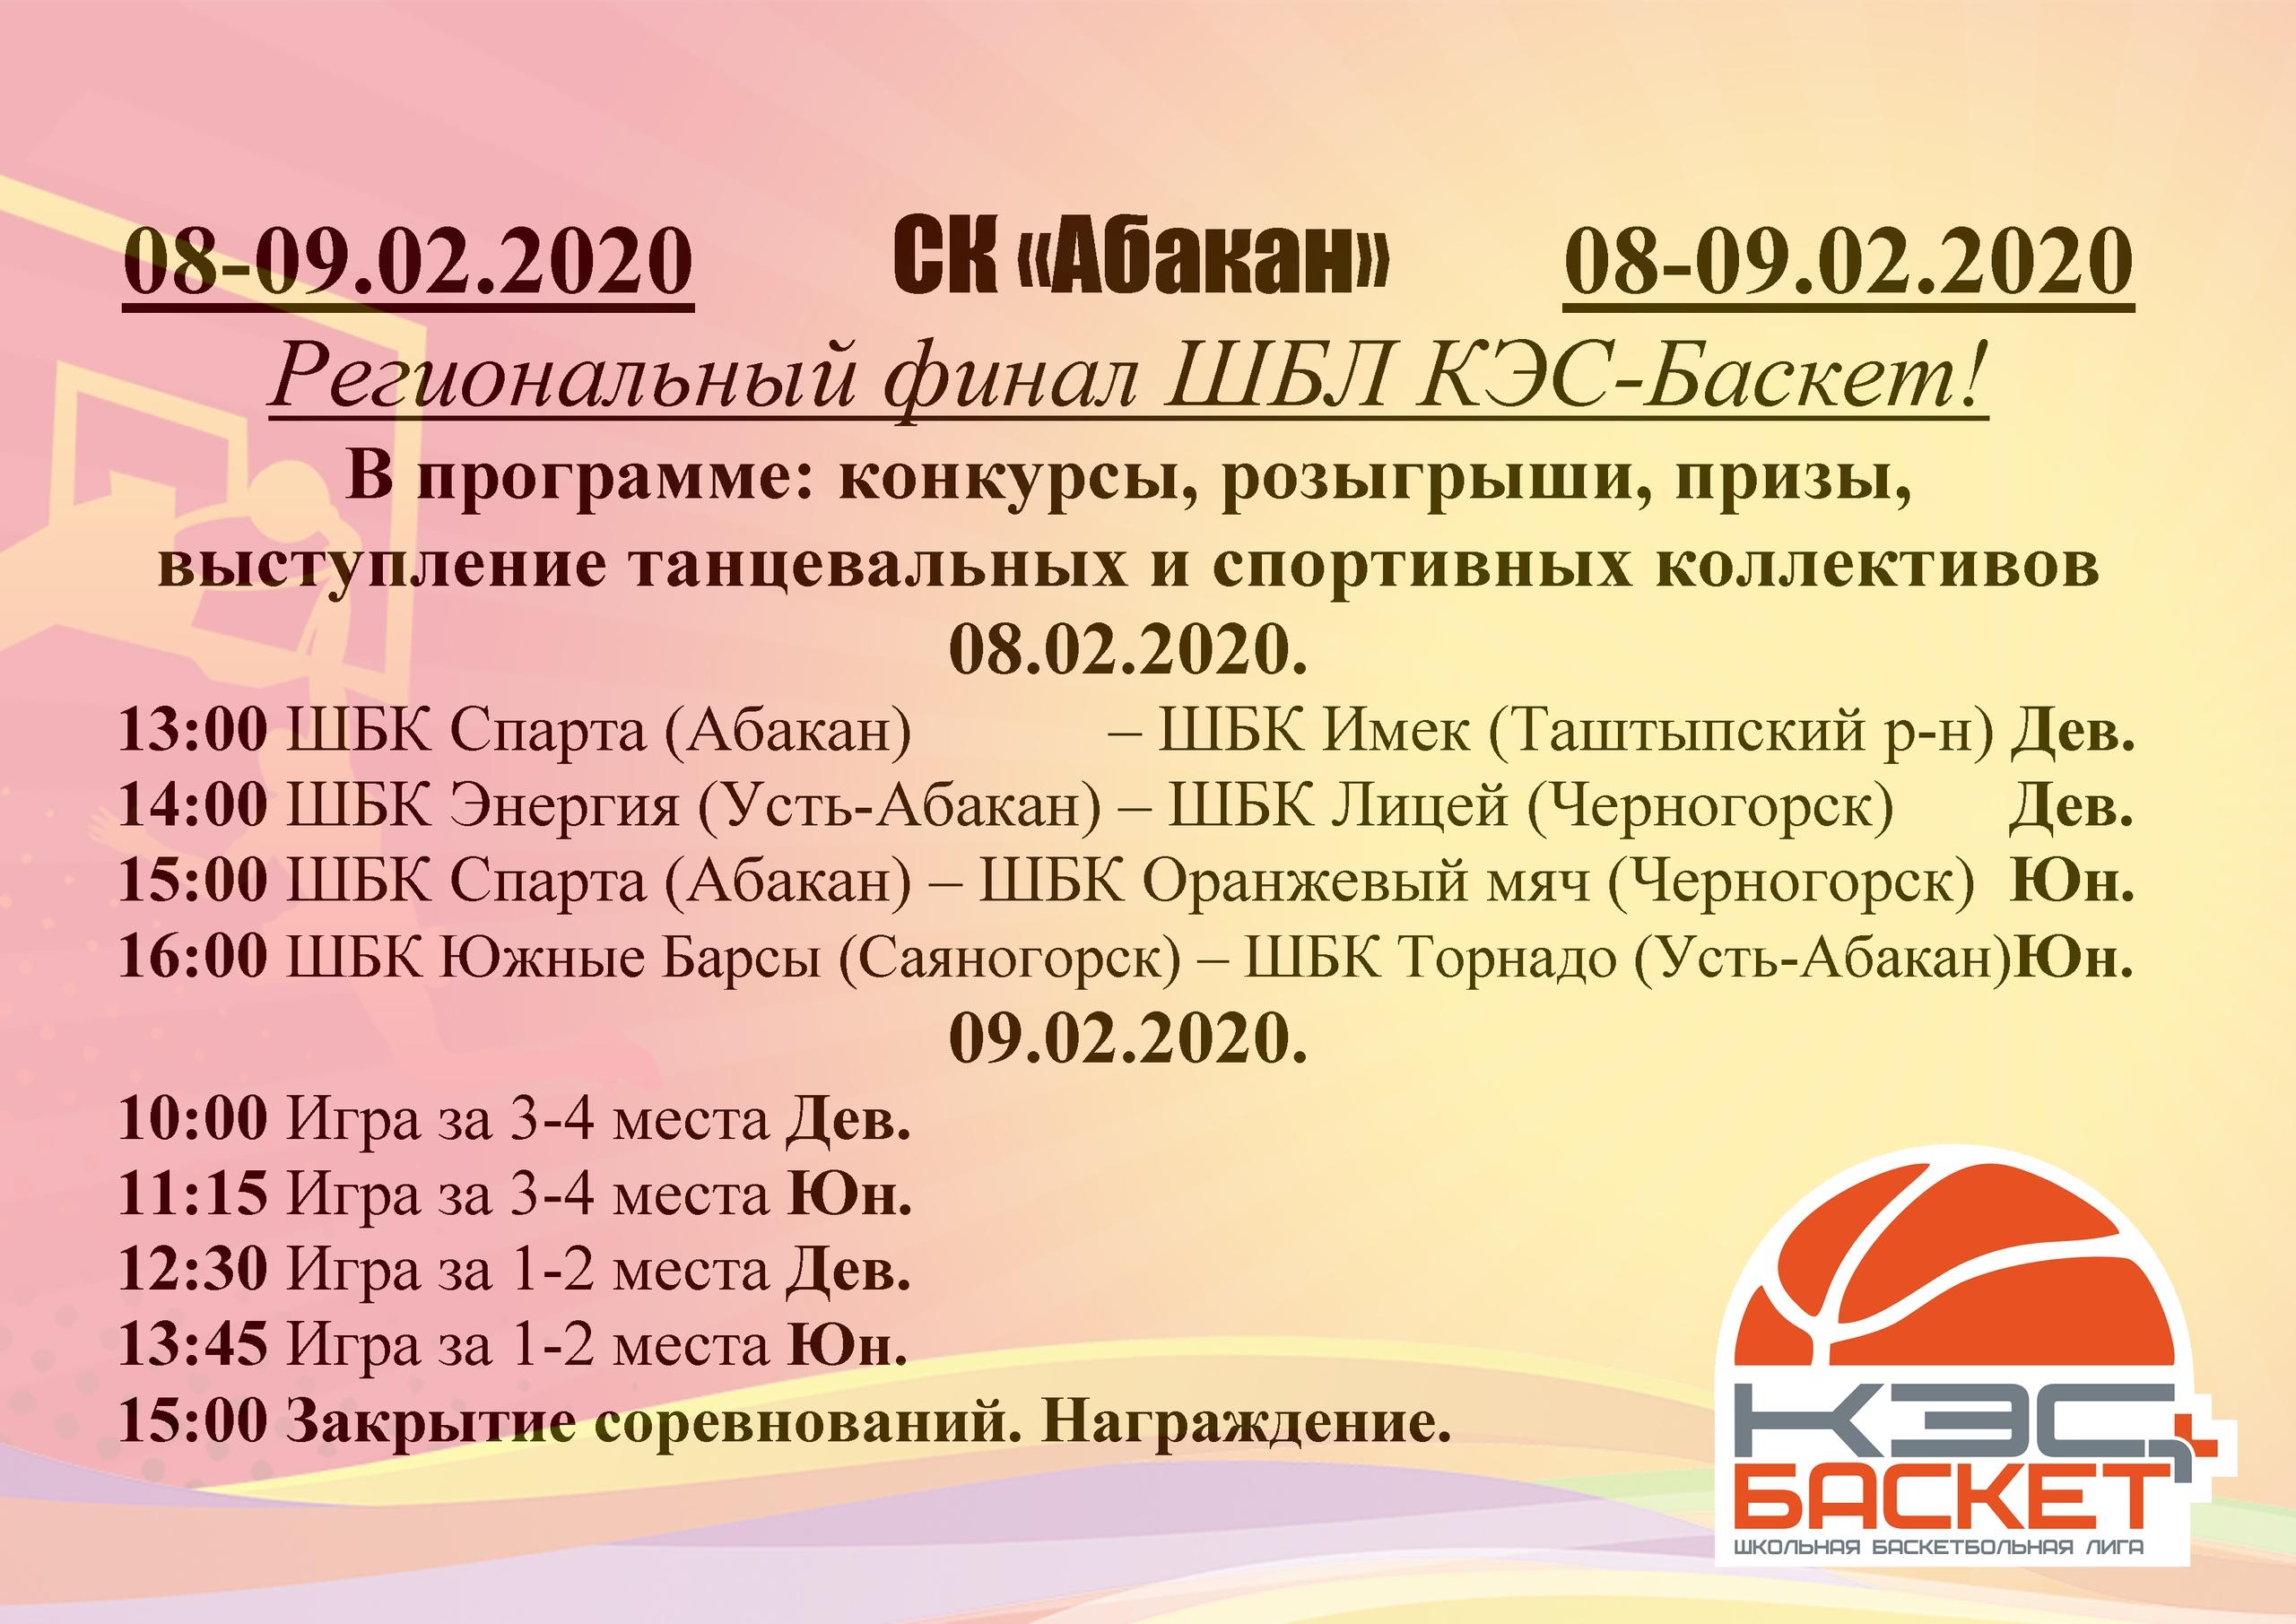 Приглашаем на Региональный финал ШБЛ КЭС-Баскет